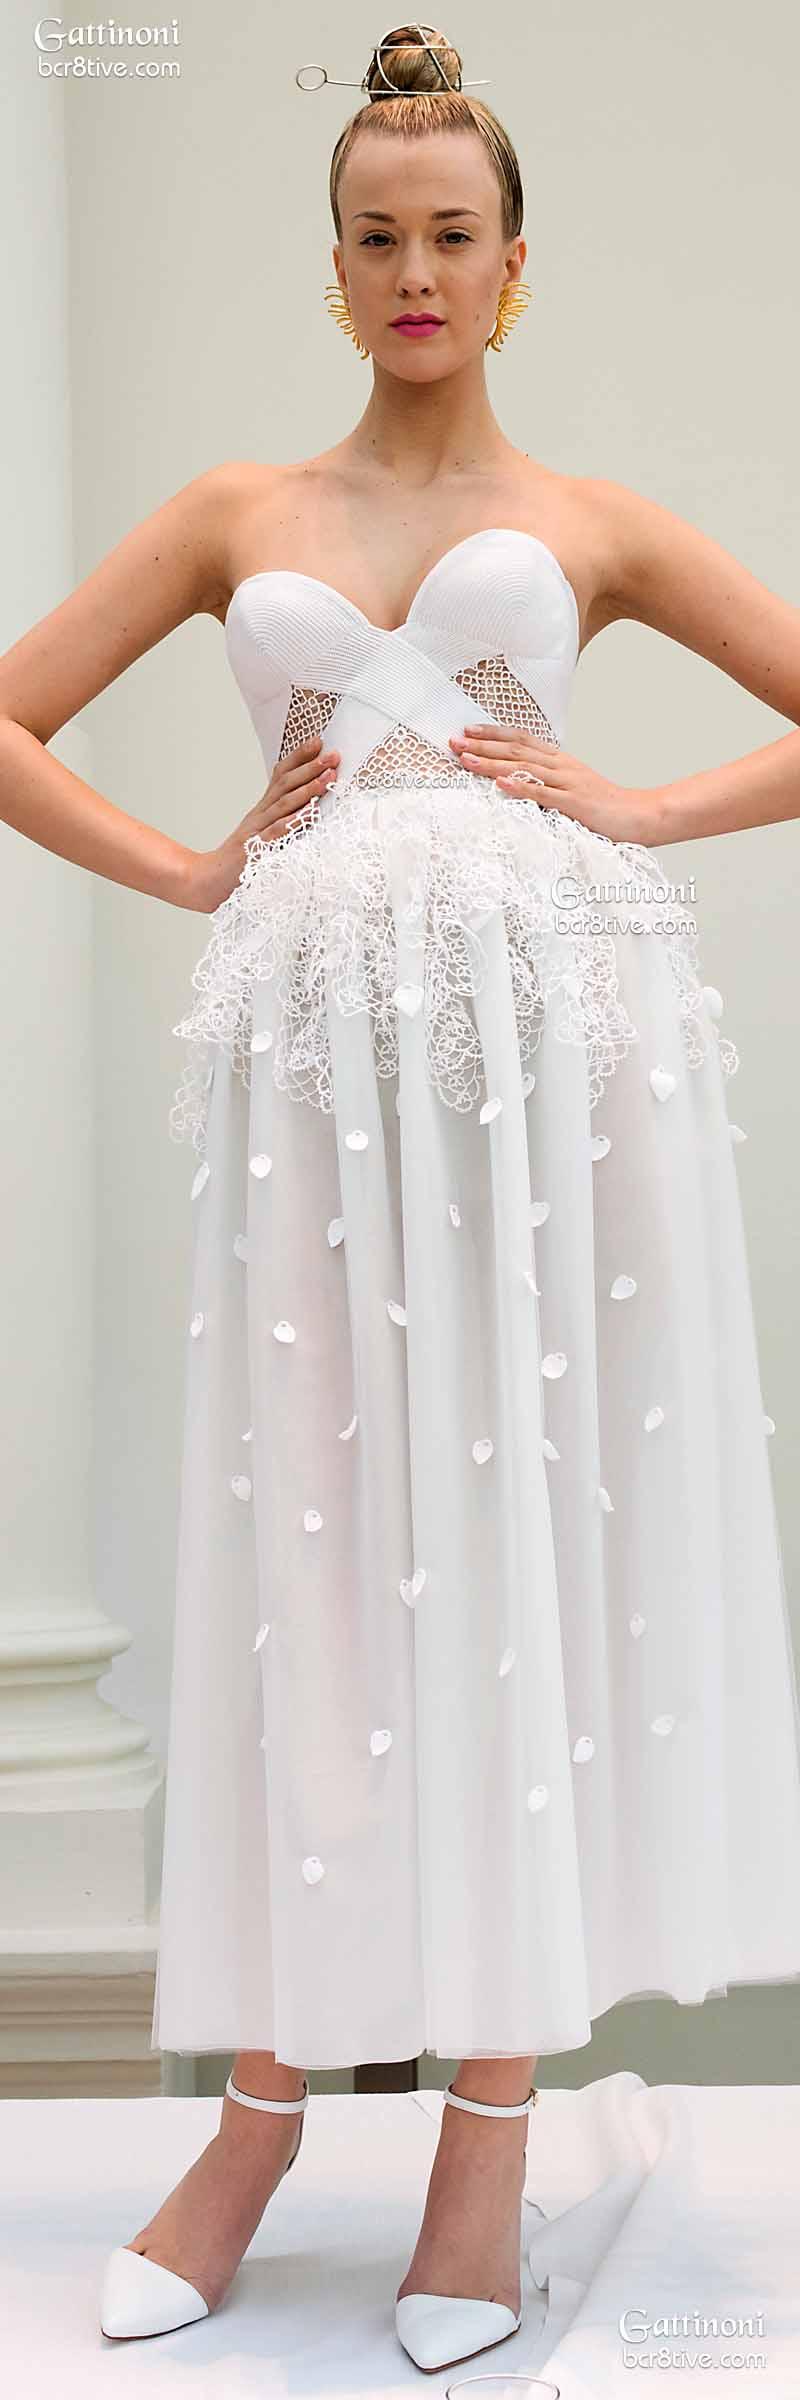 Gattinoni Spring 2015 Haute Couture